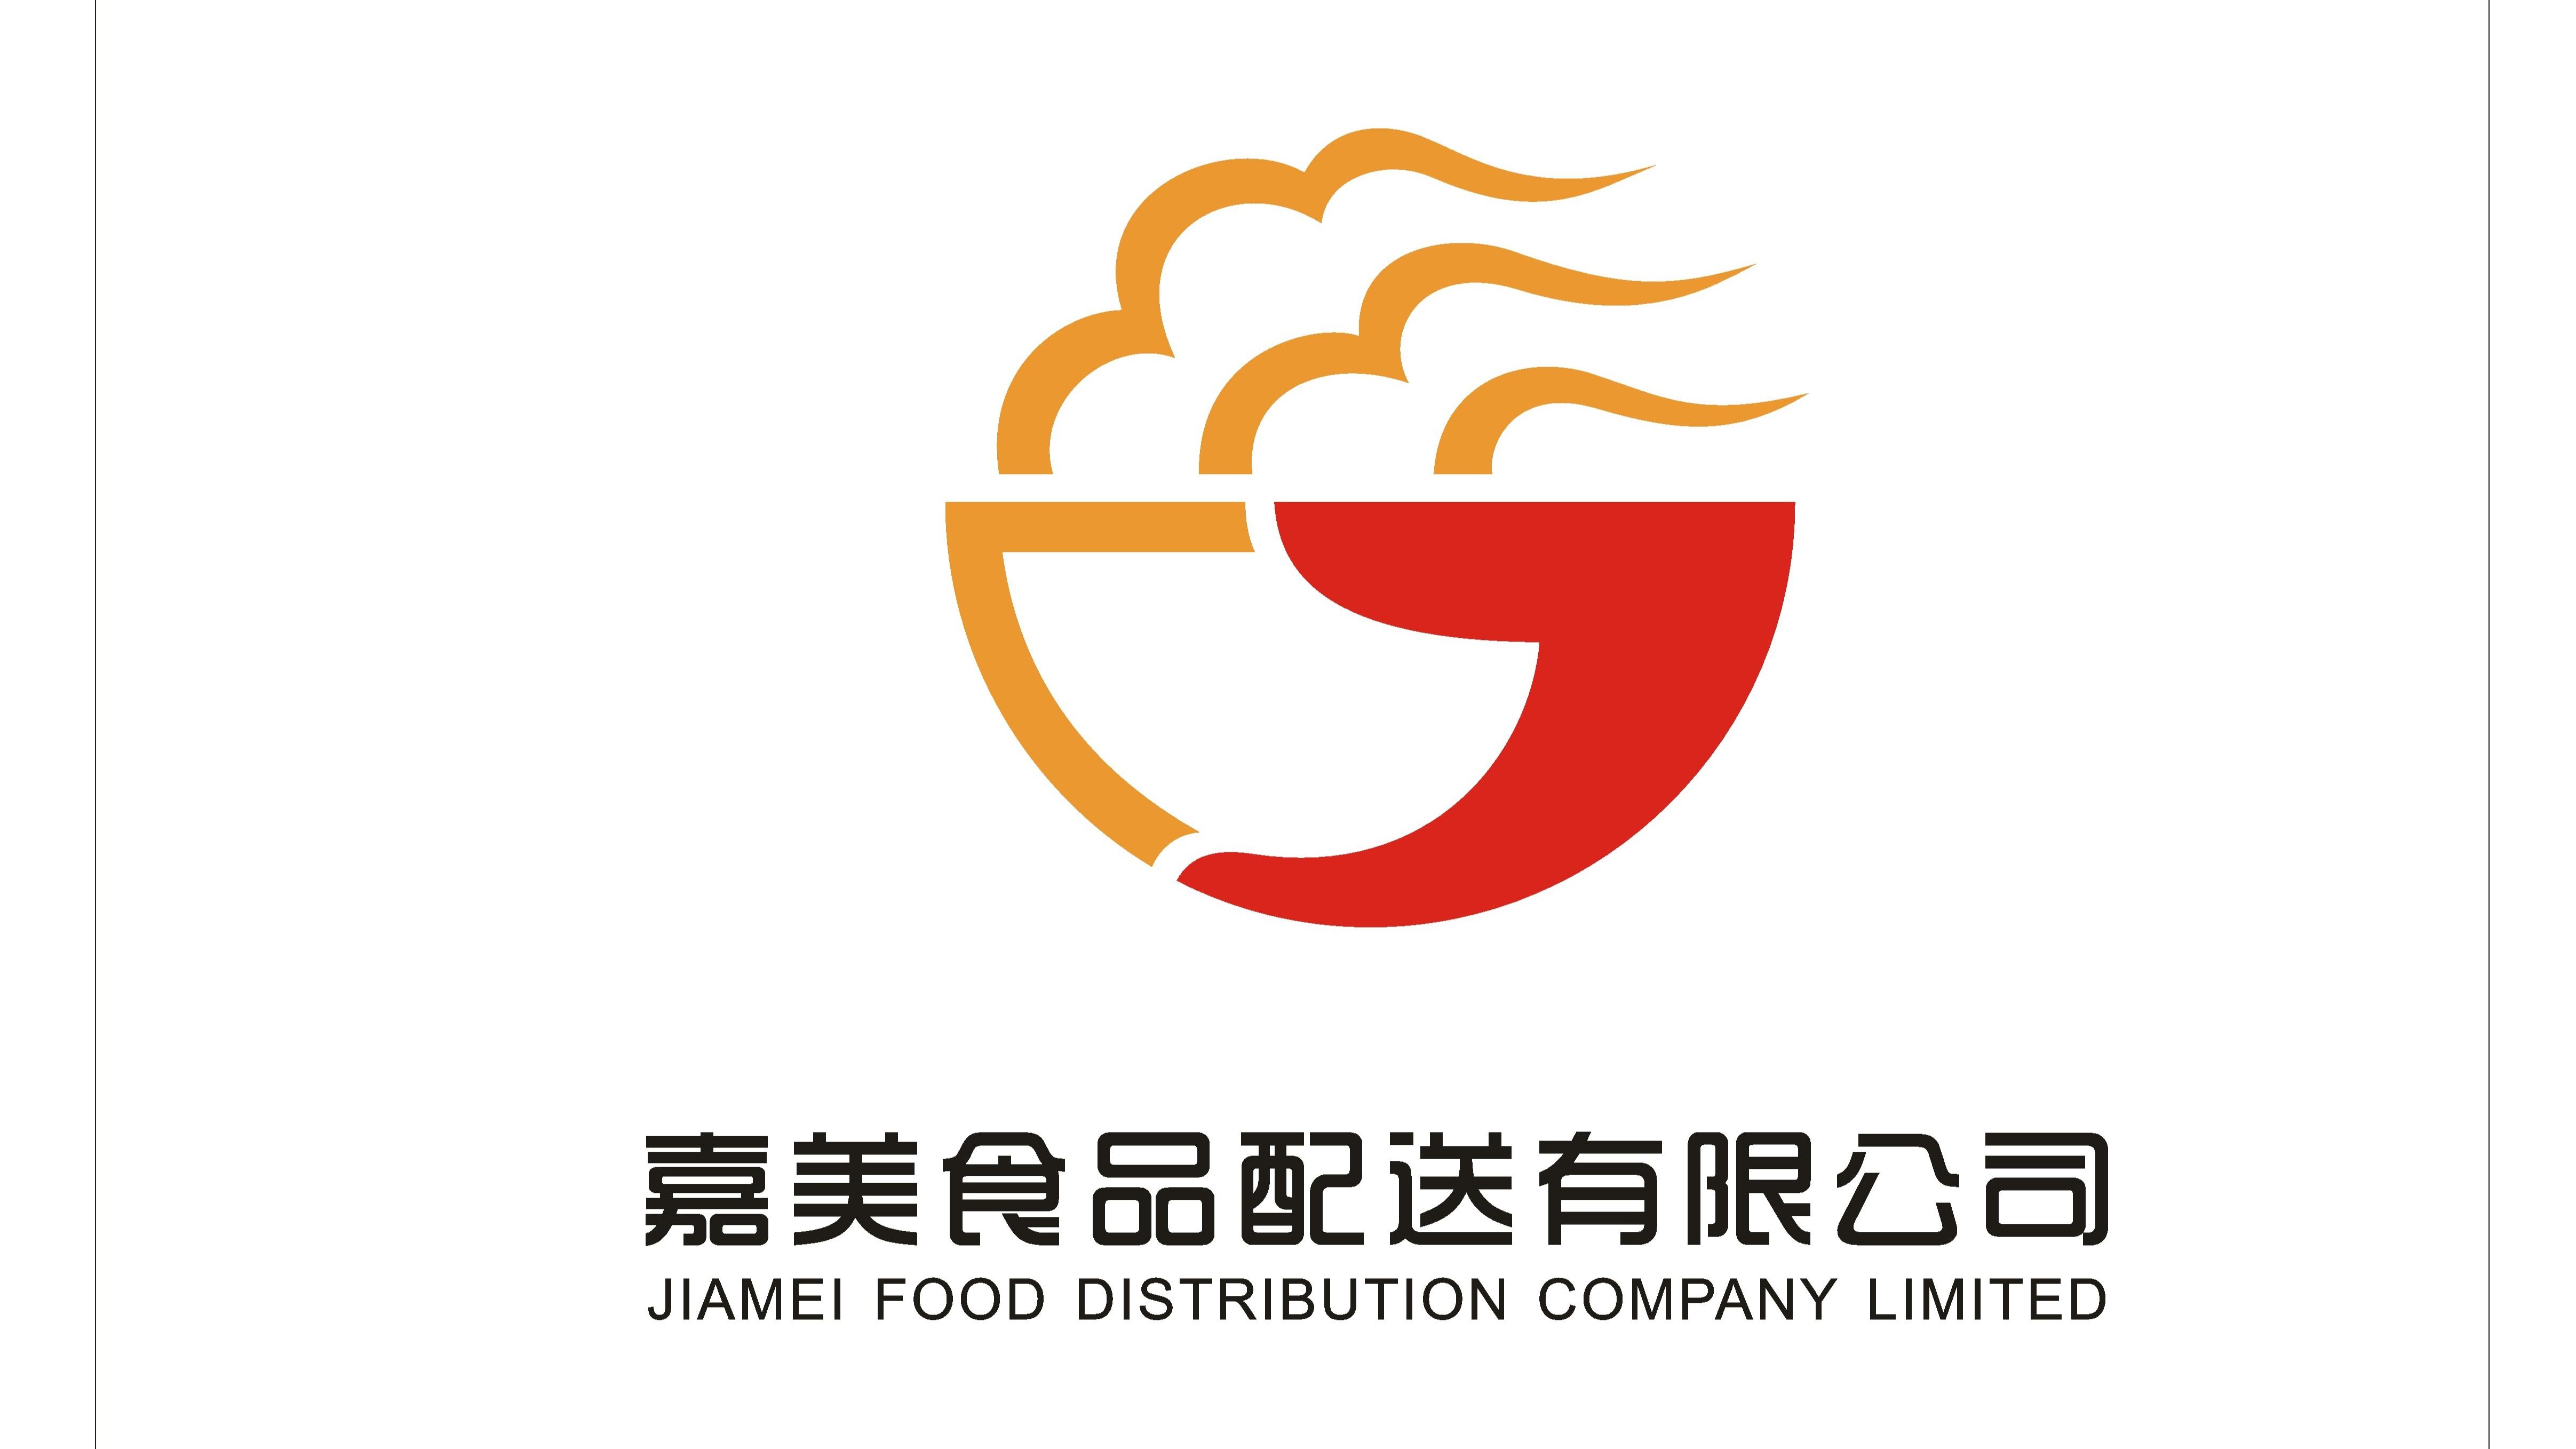 台山市嘉美食品配送有限公司